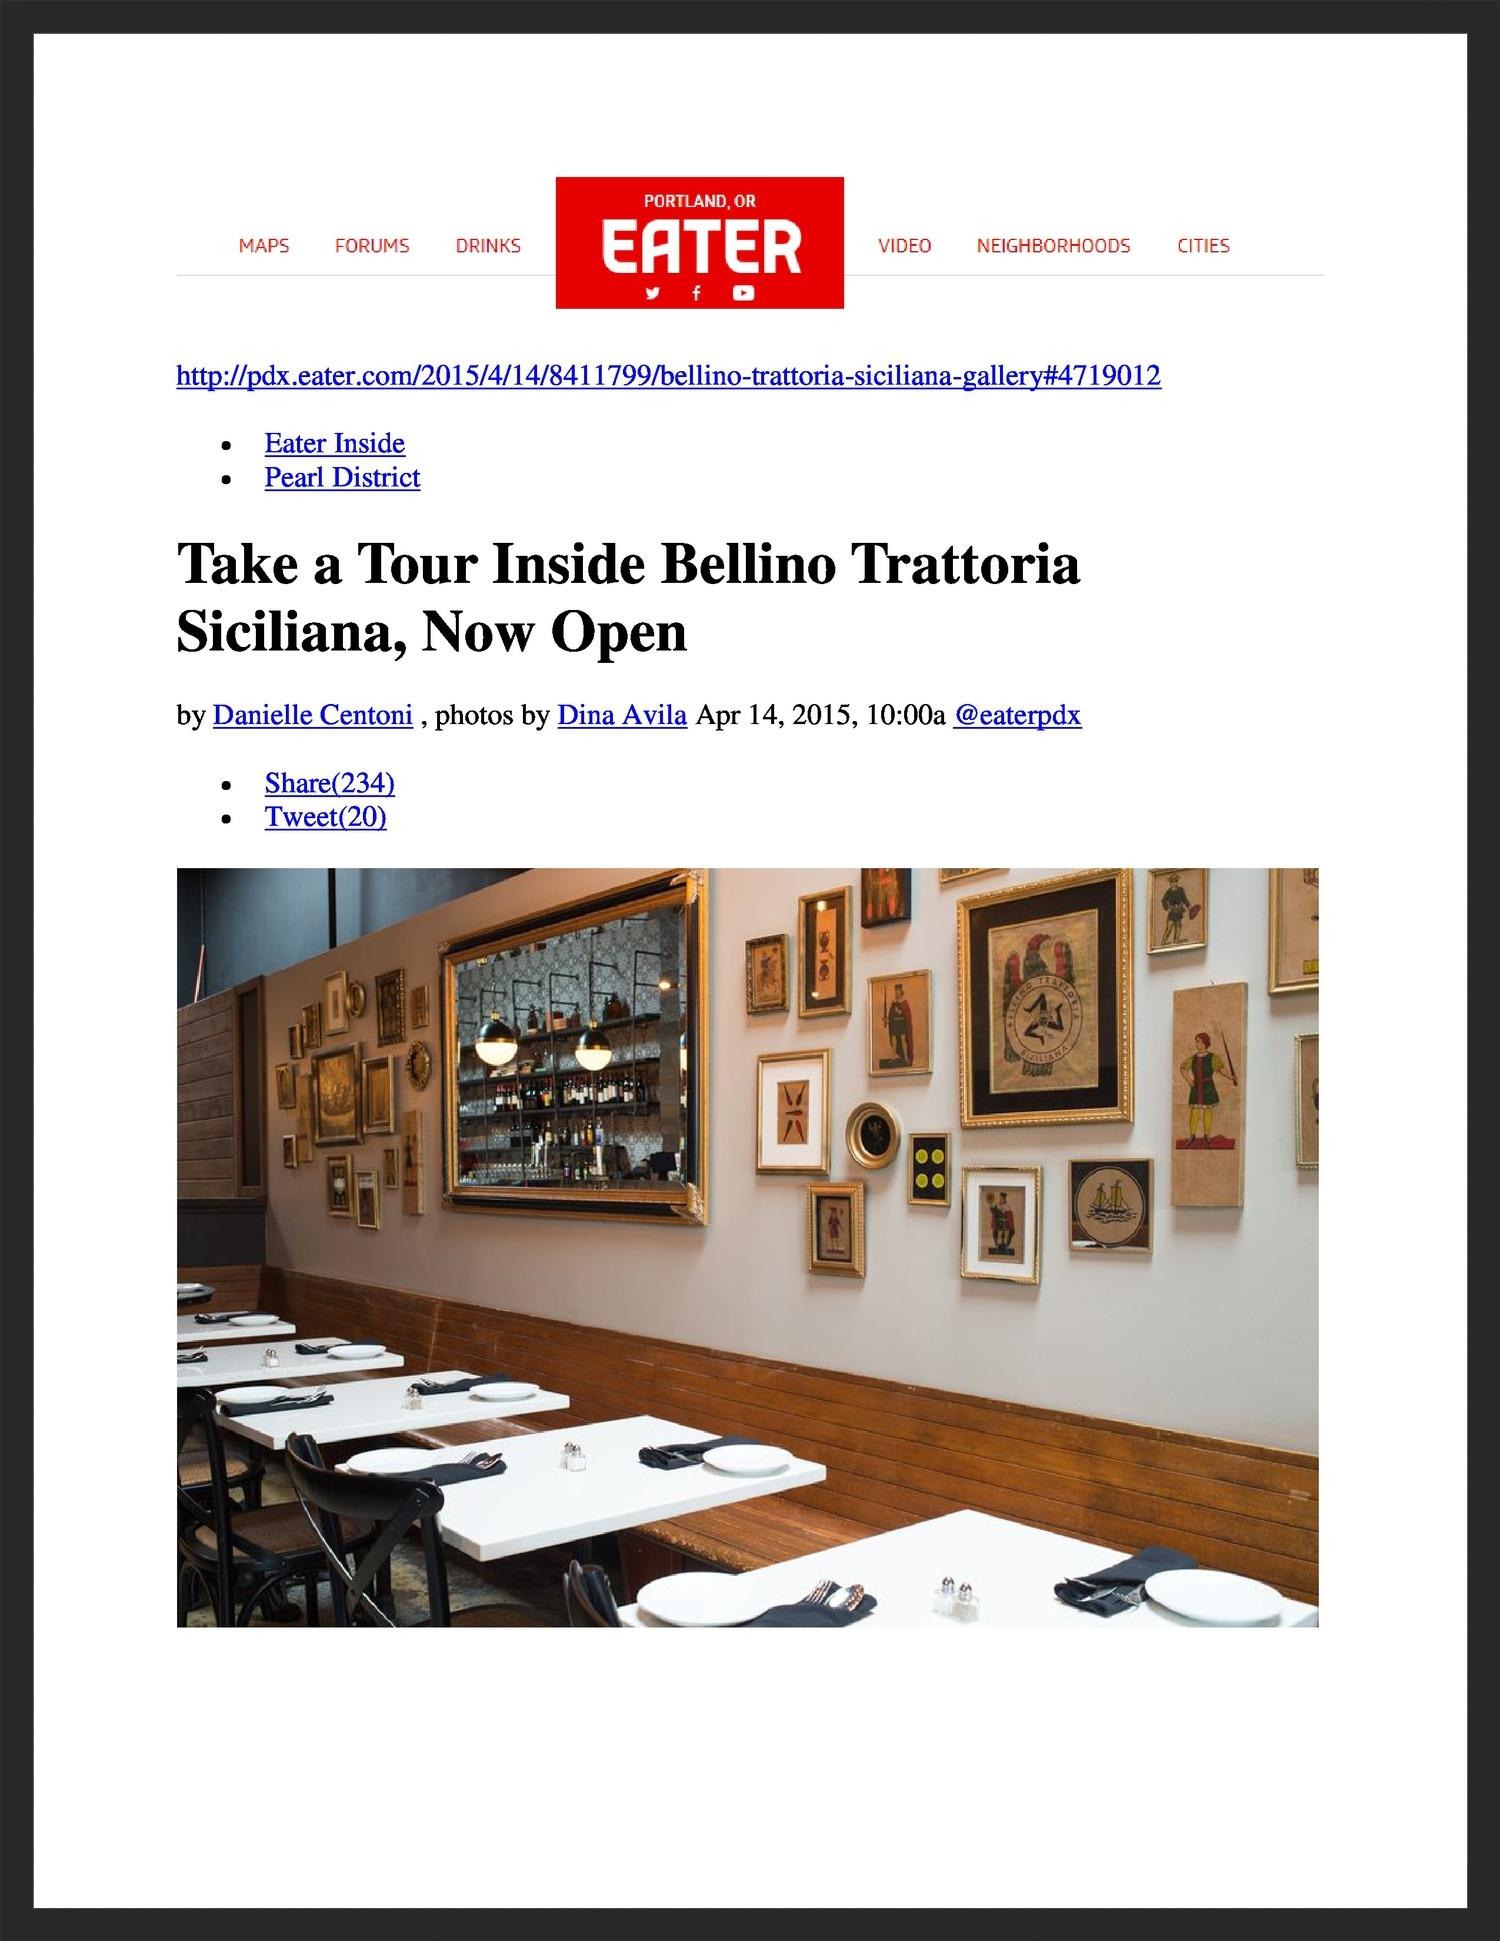 BELLINO TRATTORIA SICILIANA   Eater  04.14.2015